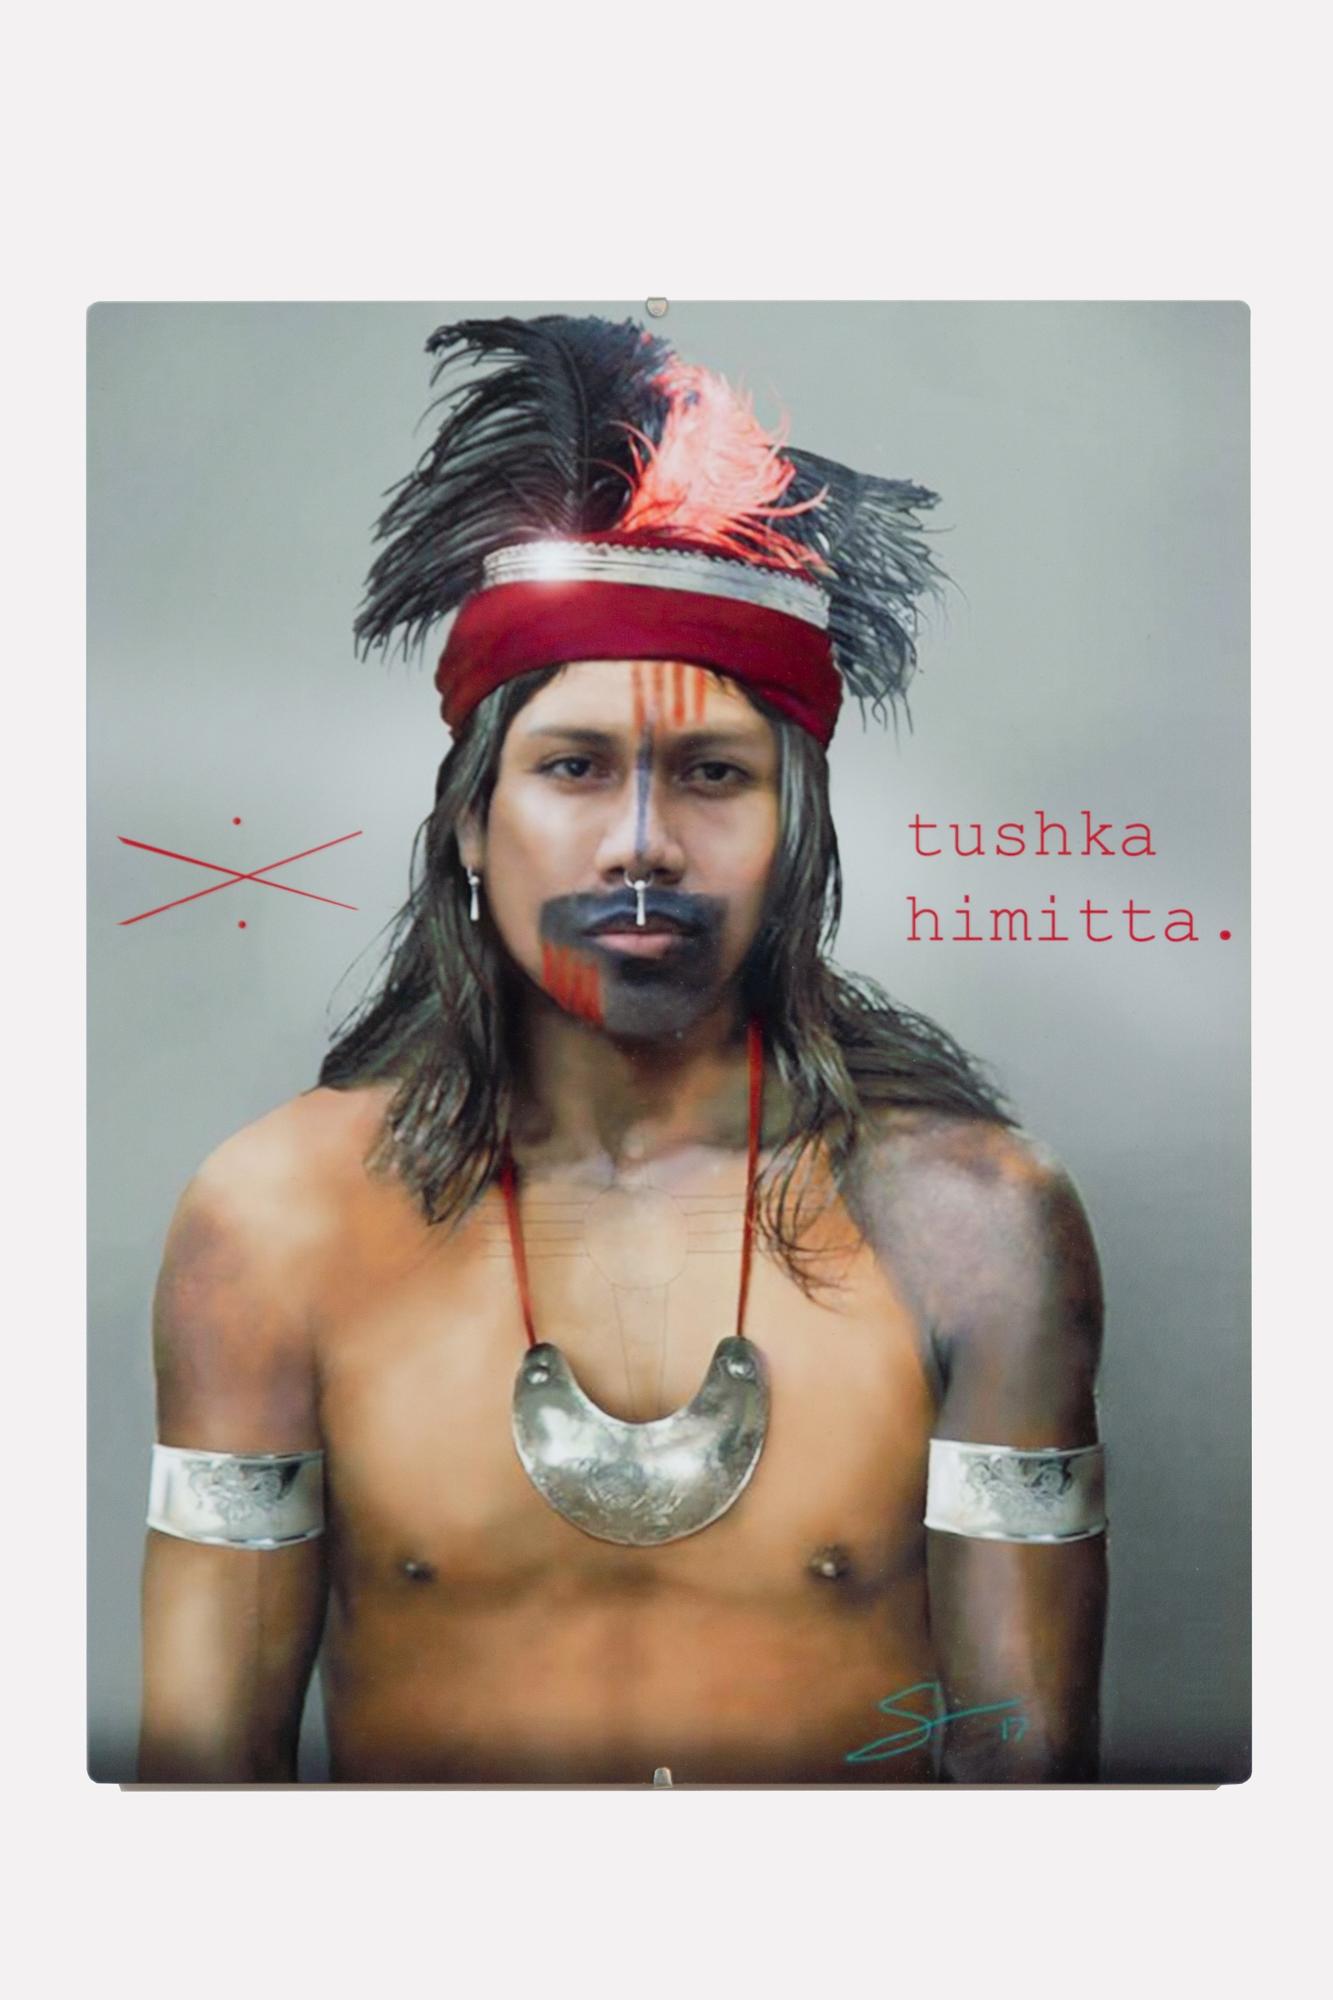 Tushka Himitta